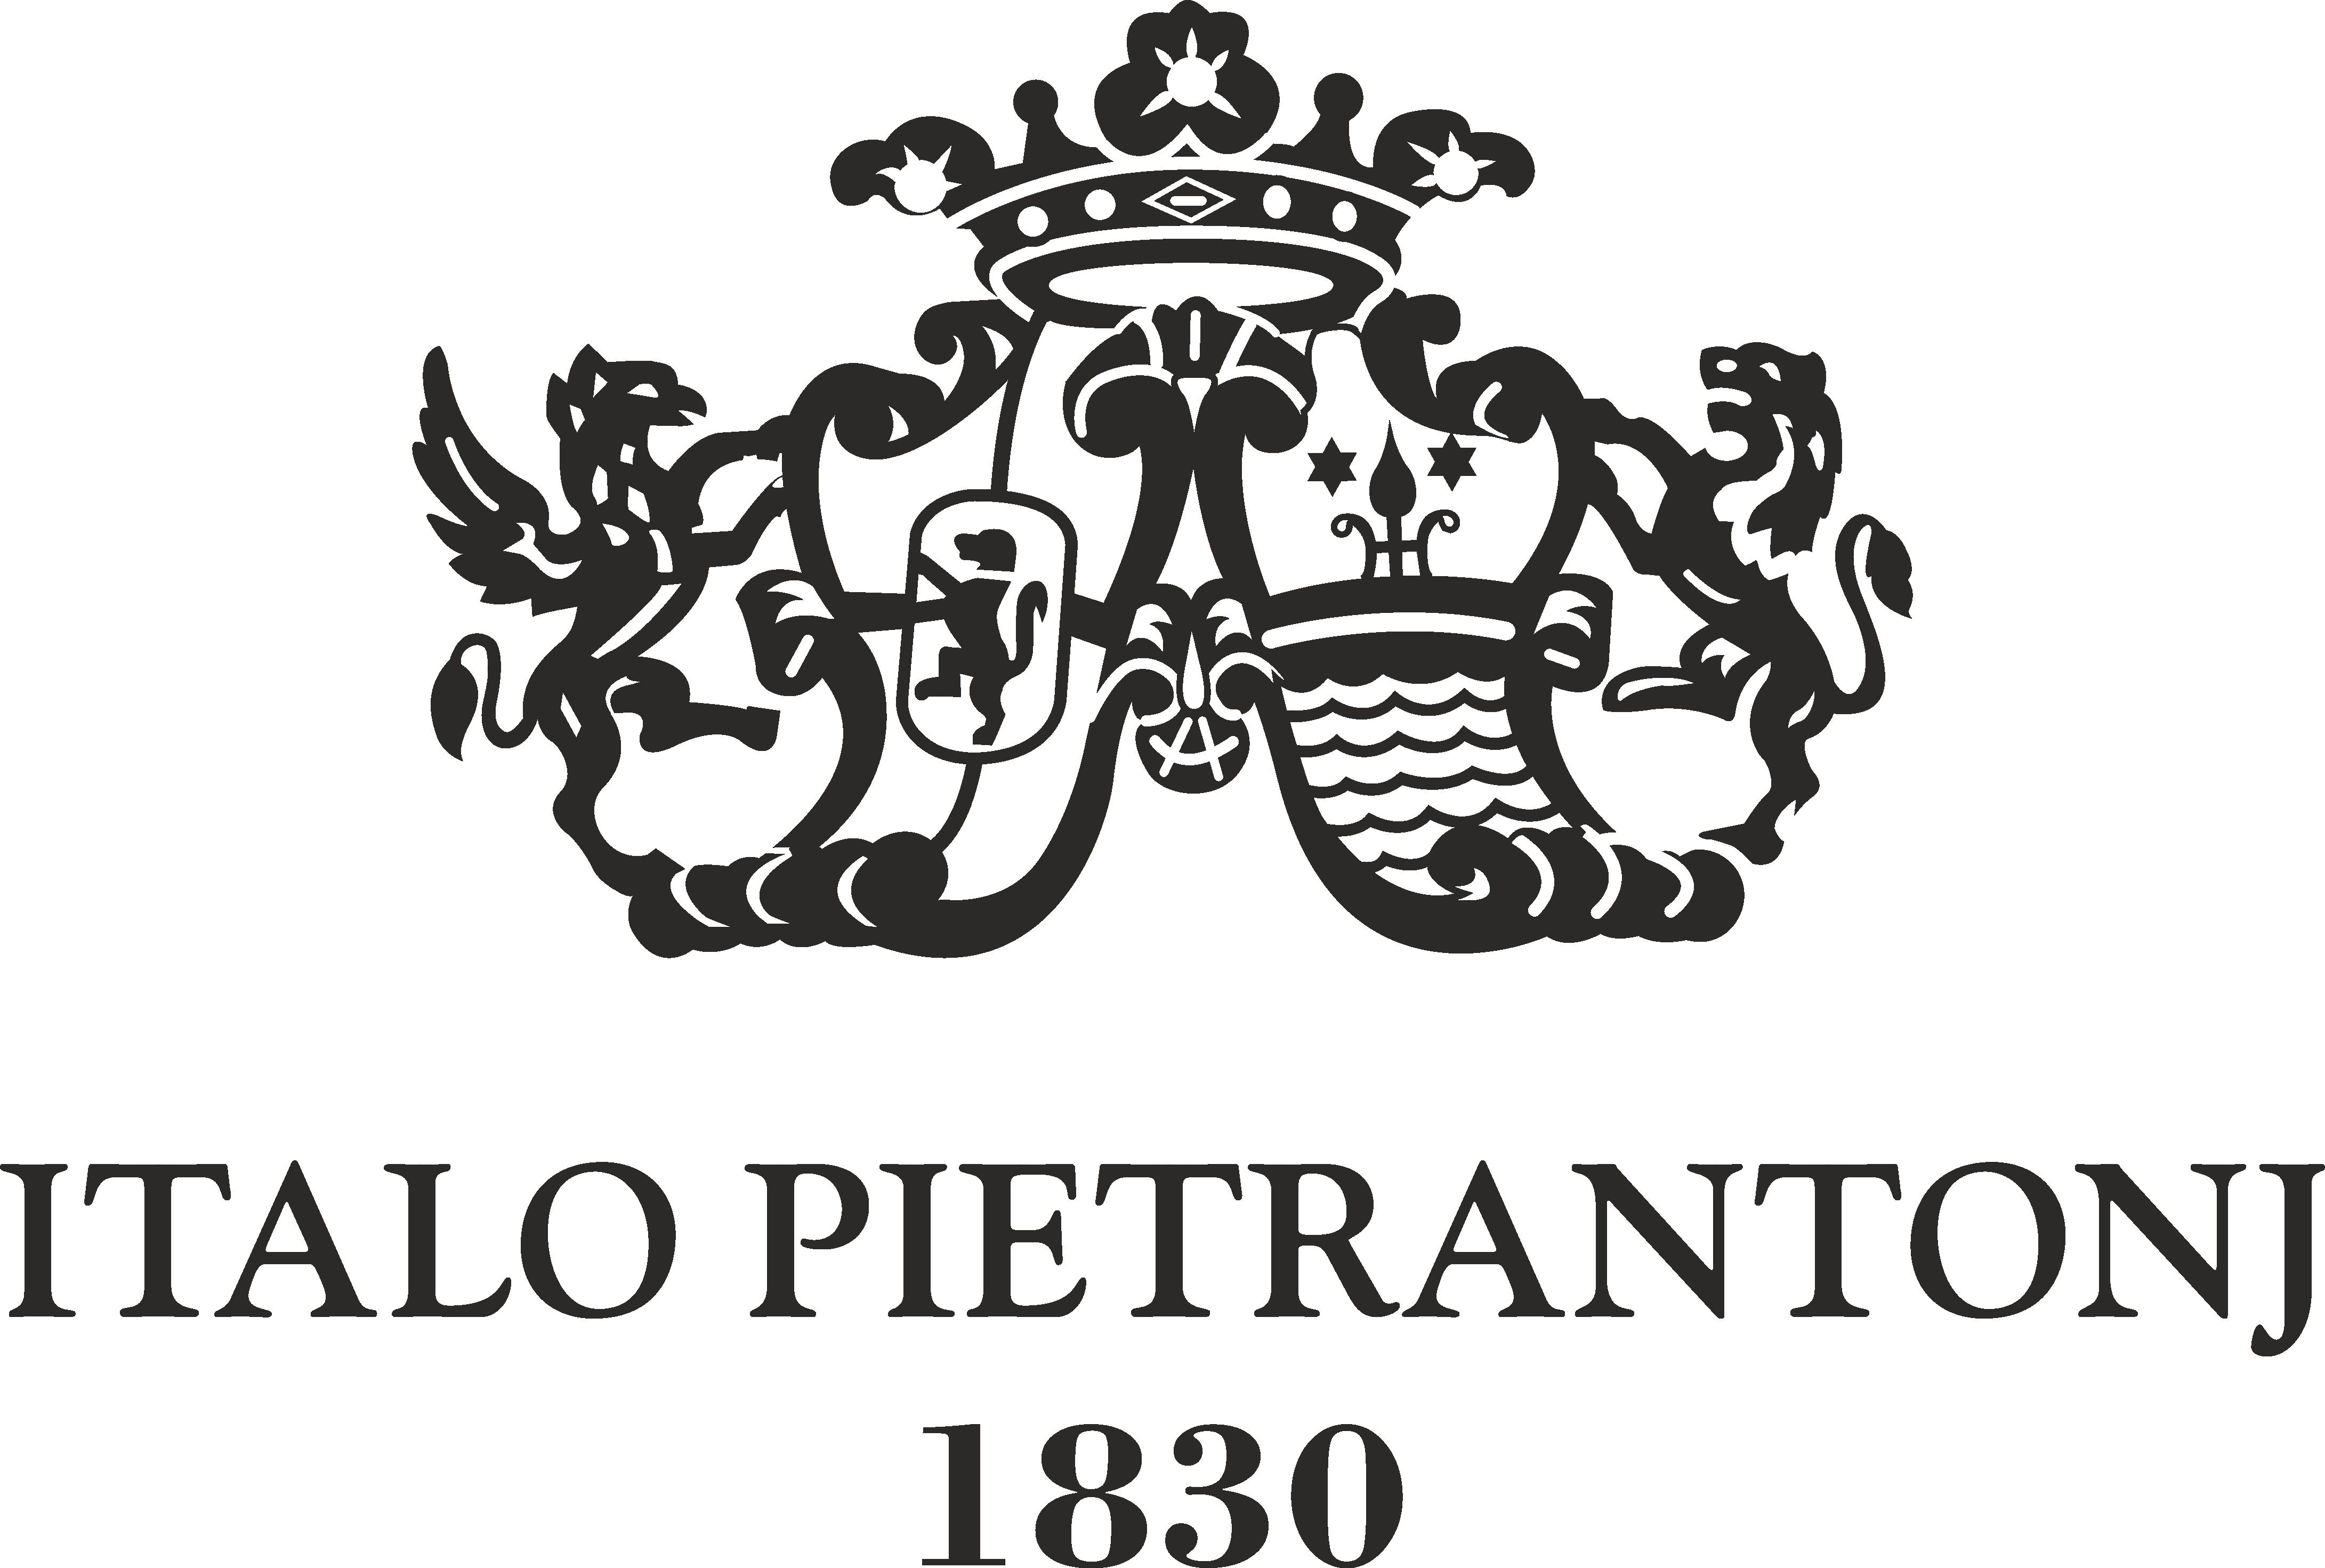 Italo Pietrantonj (Abruzzen)